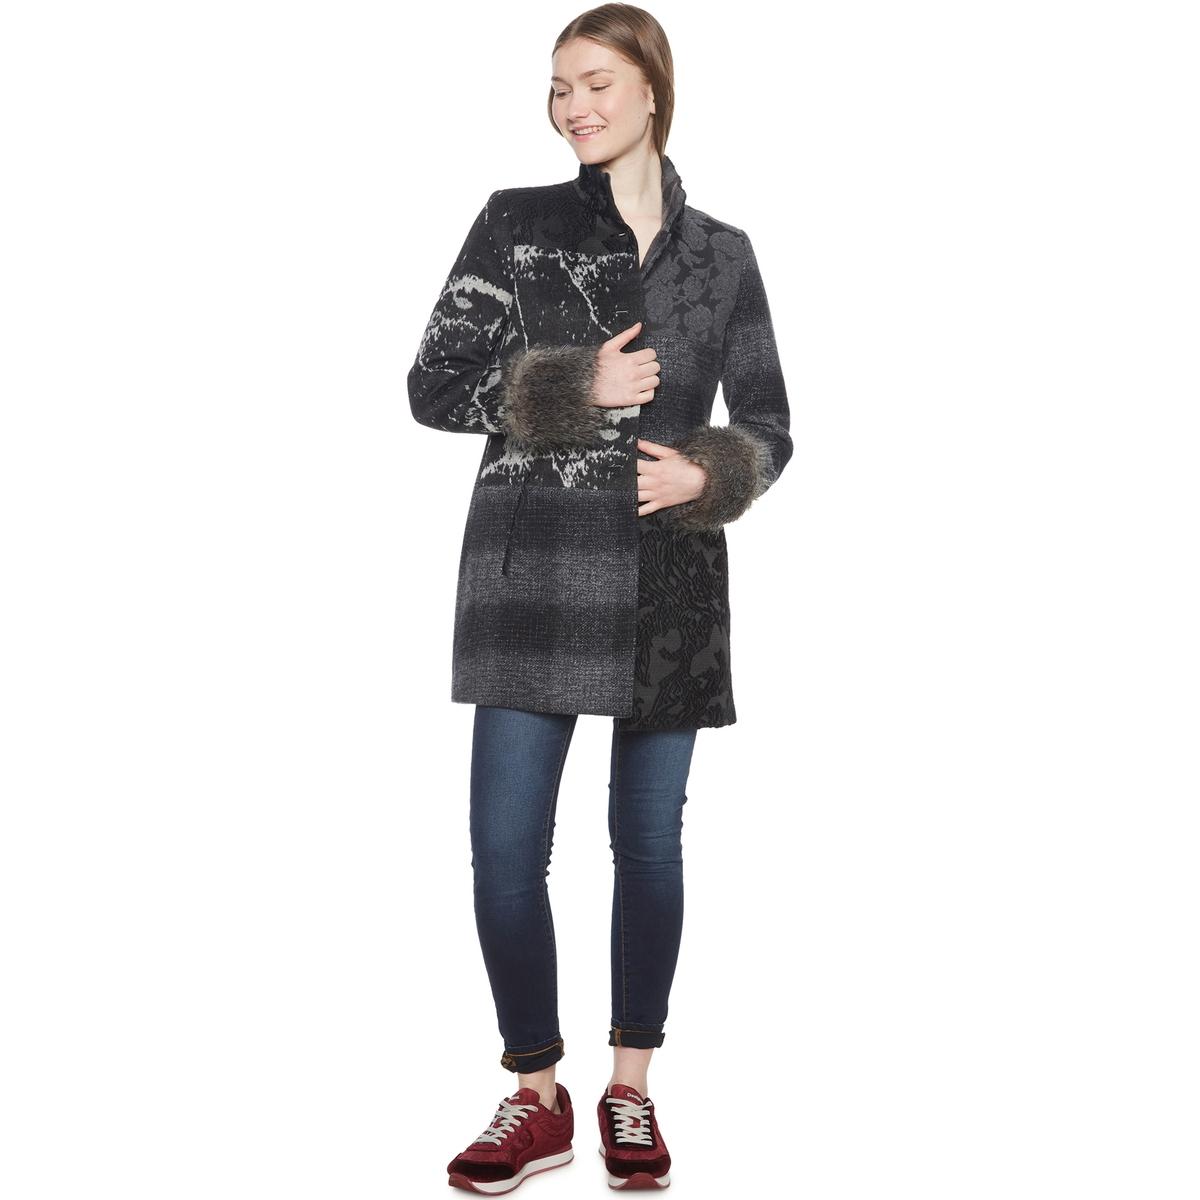 Пальто средней длины в стиле пэчворк из полушерстяной ткани